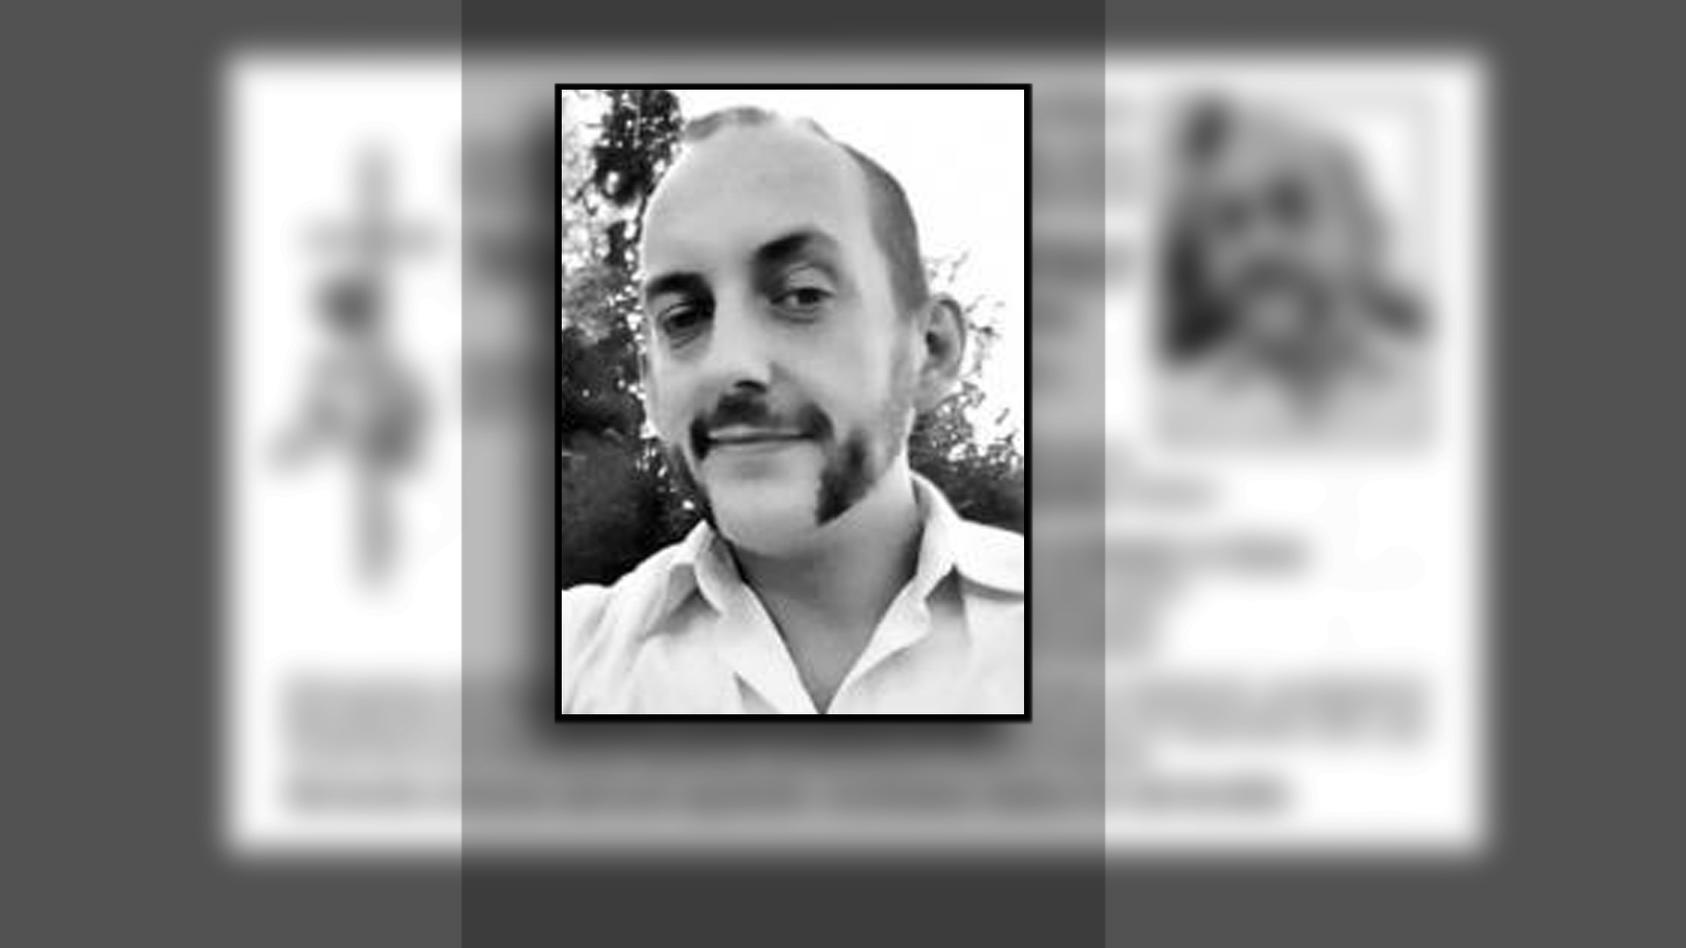 Familienvater Marco R. hinterlässt drei kleine Töchter.